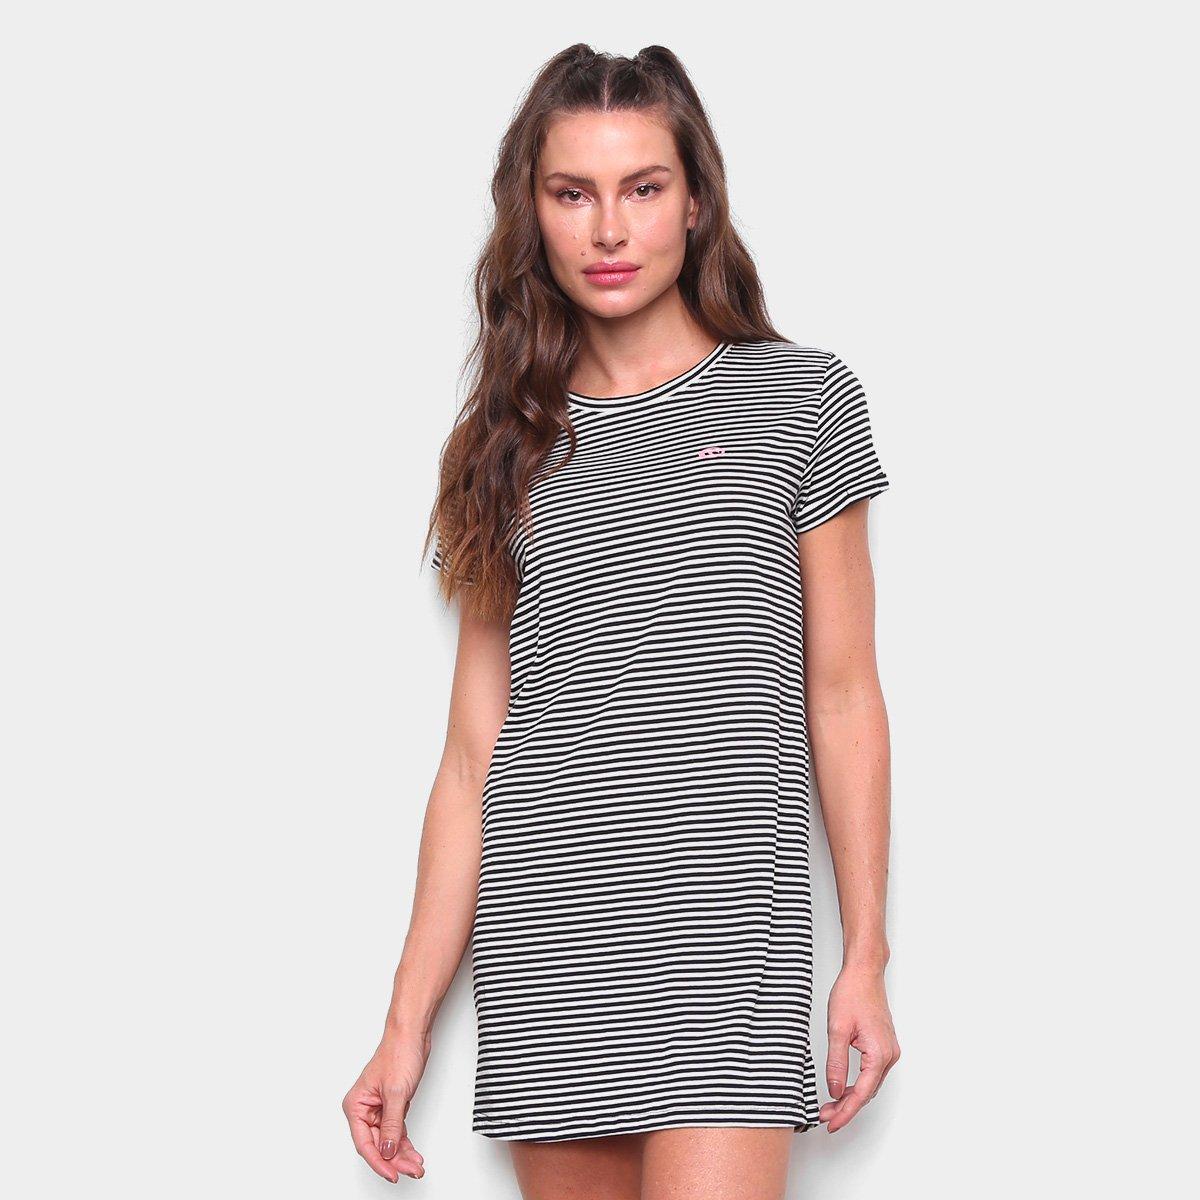 Vestido Rip Curl Curto Camisetão Essentials Dress